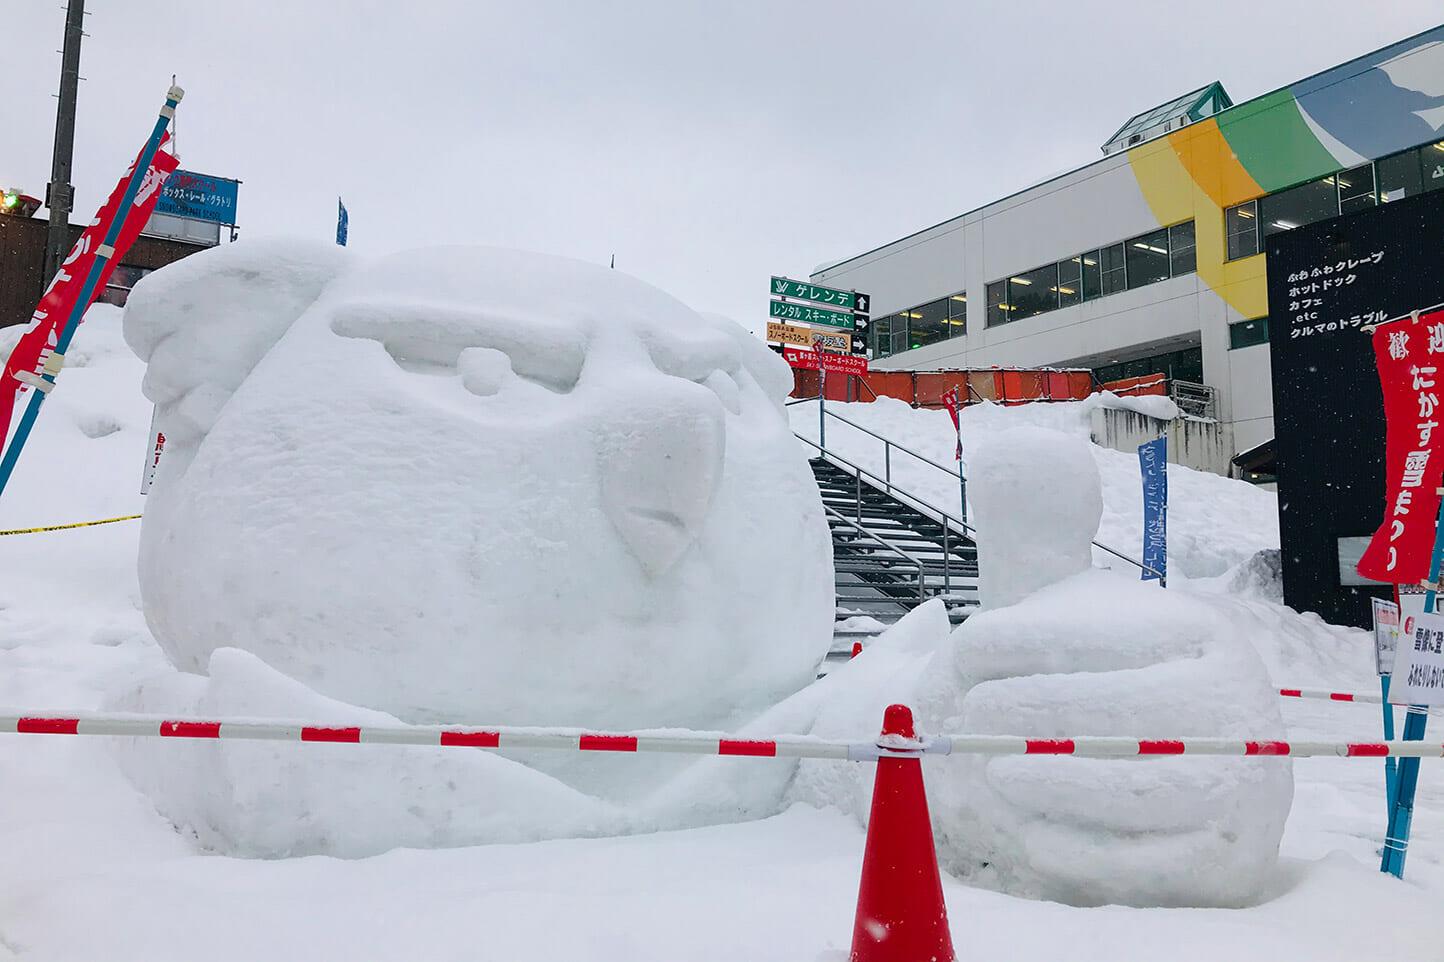 第20回 郡上たかす雪まつり スライダー画像2